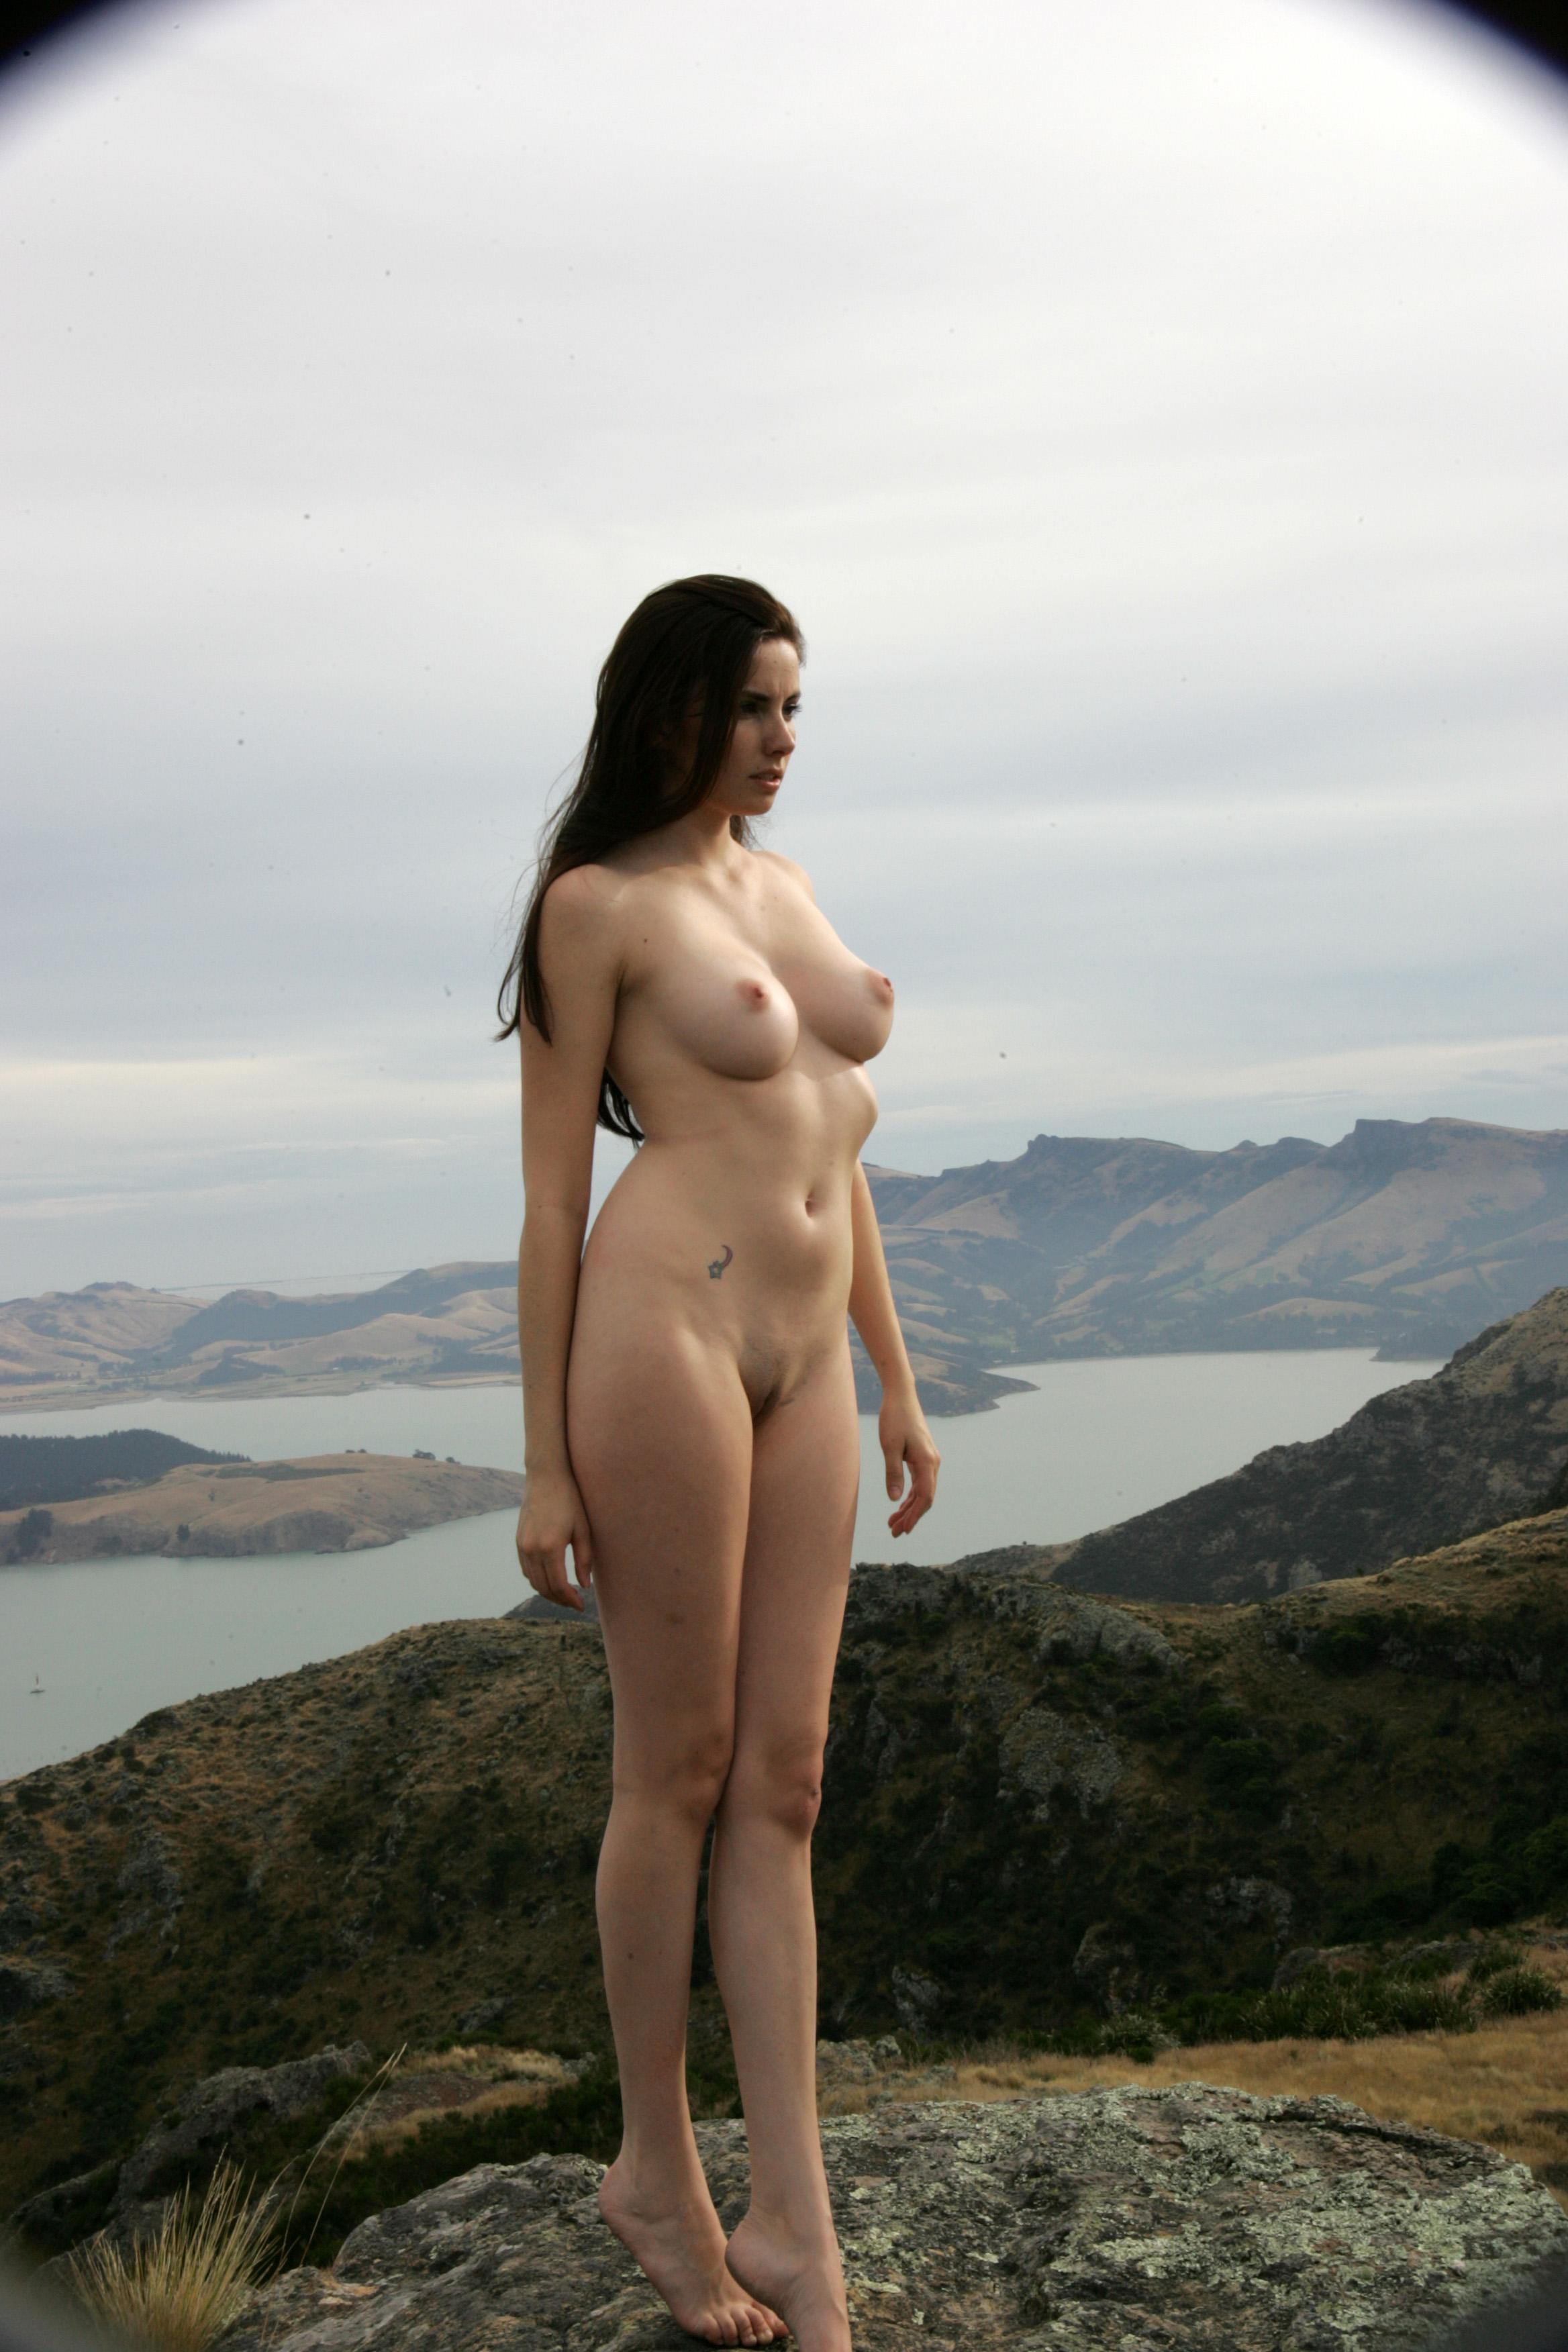 Nude Views 9